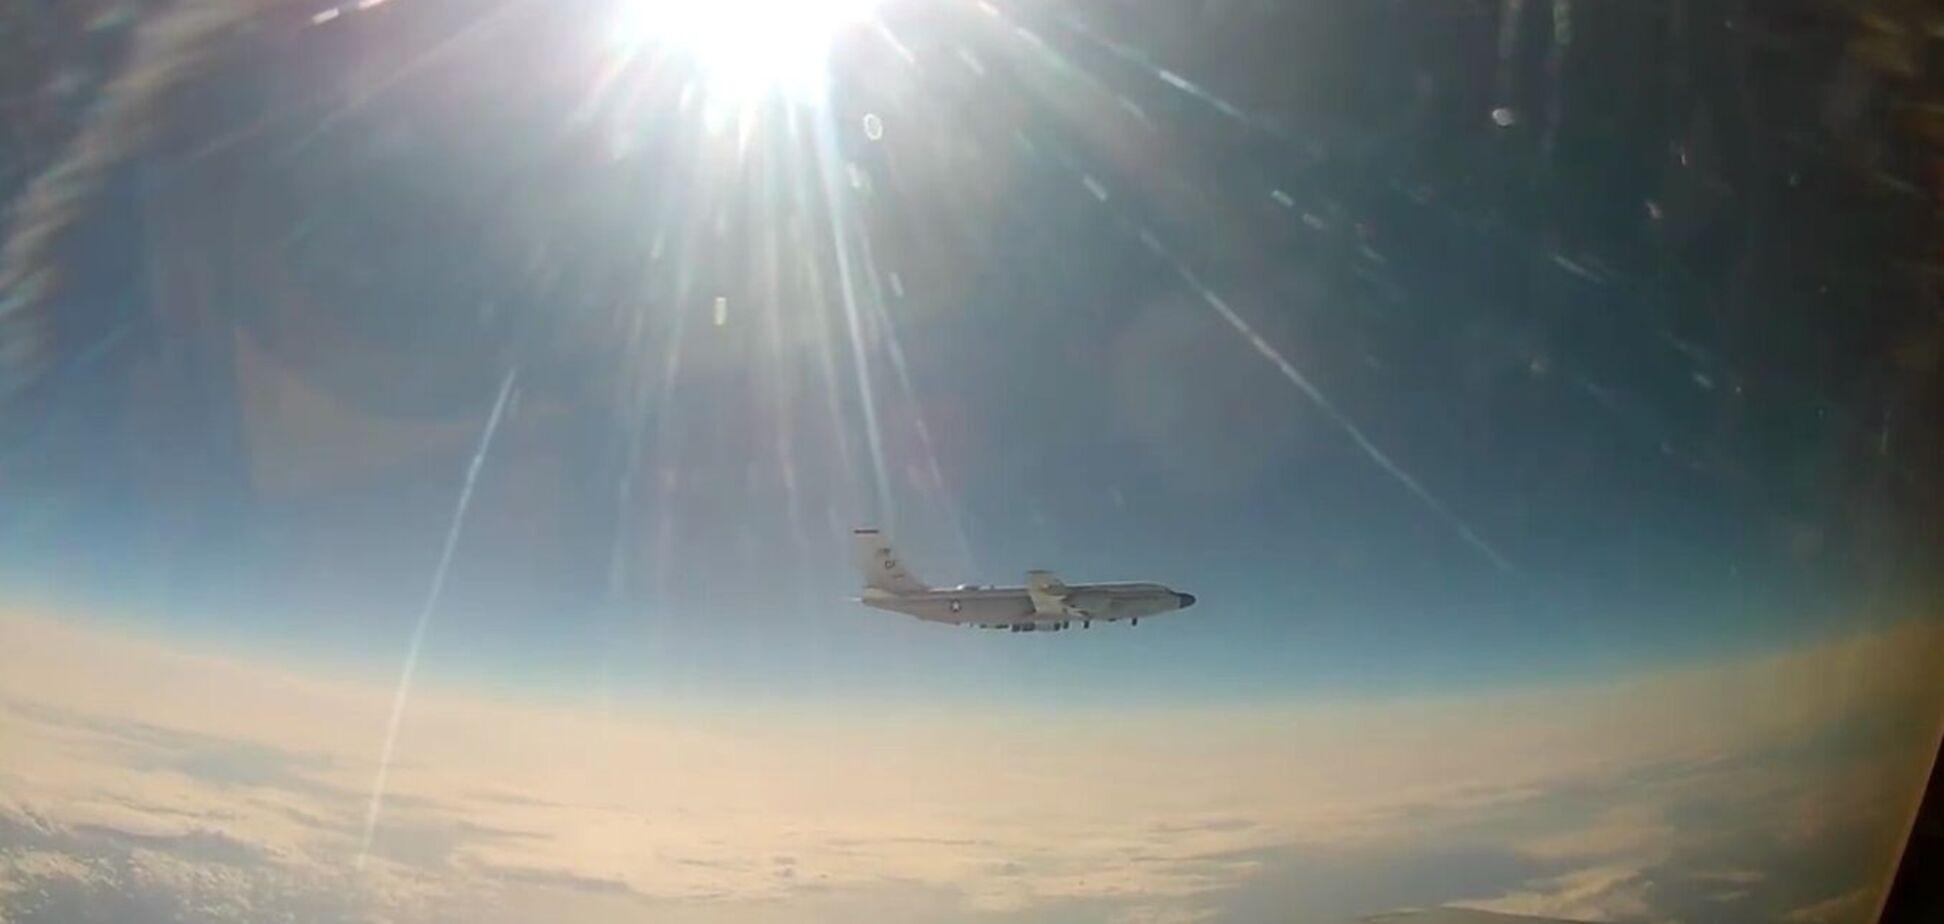 Російський МіГ-31 підняли для перехоплення американського літака